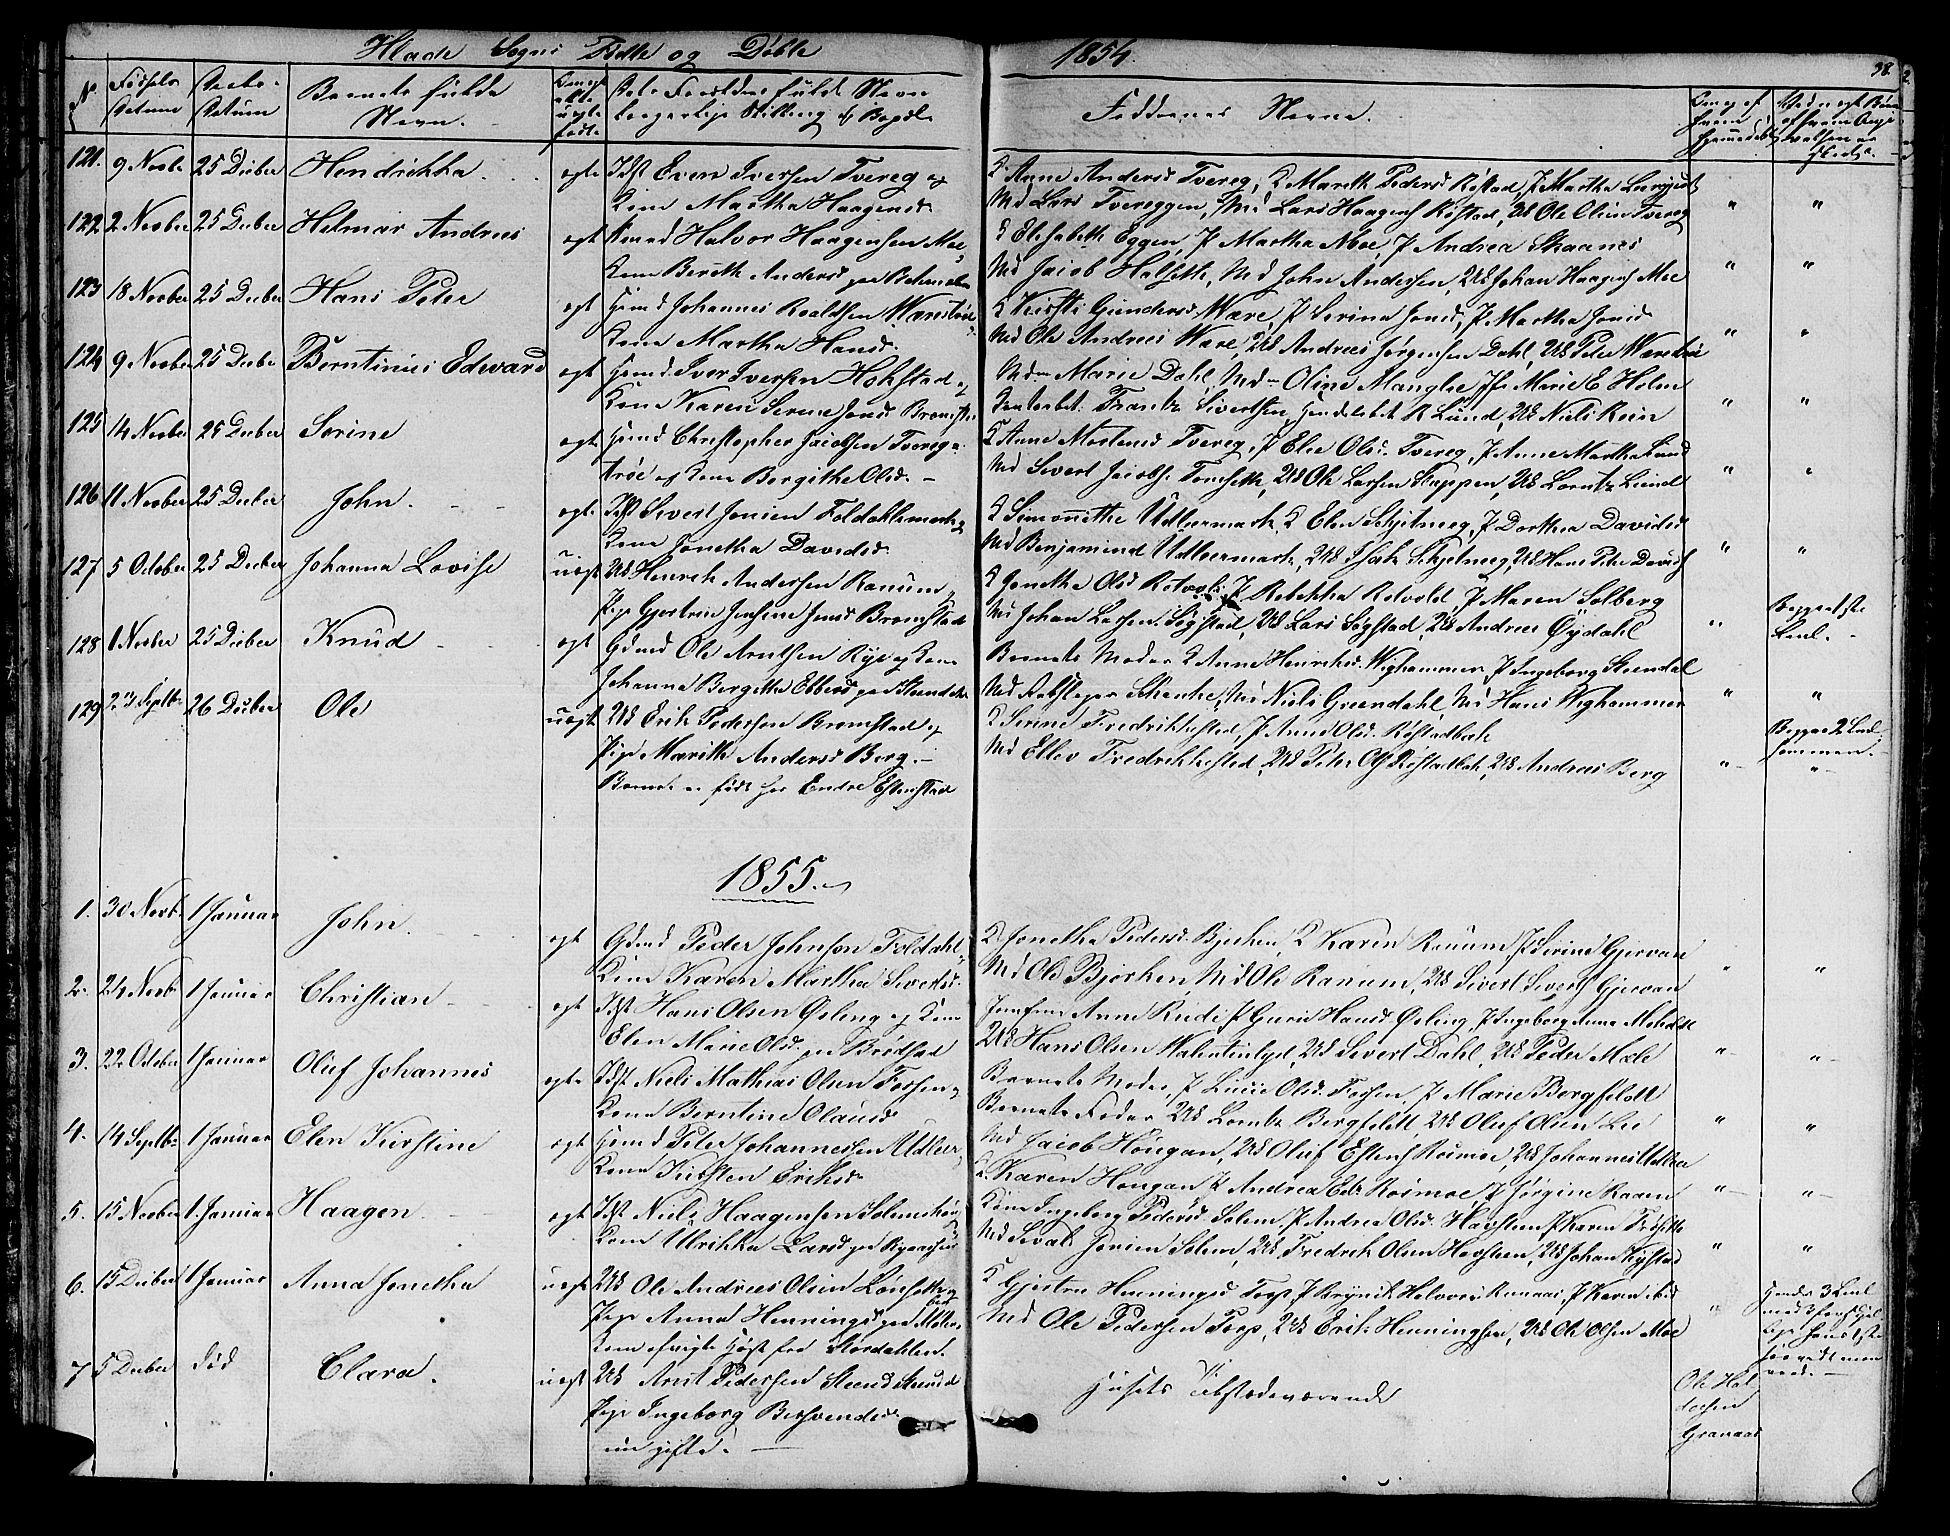 SAT, Ministerialprotokoller, klokkerbøker og fødselsregistre - Sør-Trøndelag, 606/L0310: Klokkerbok nr. 606C06, 1850-1859, s. 38